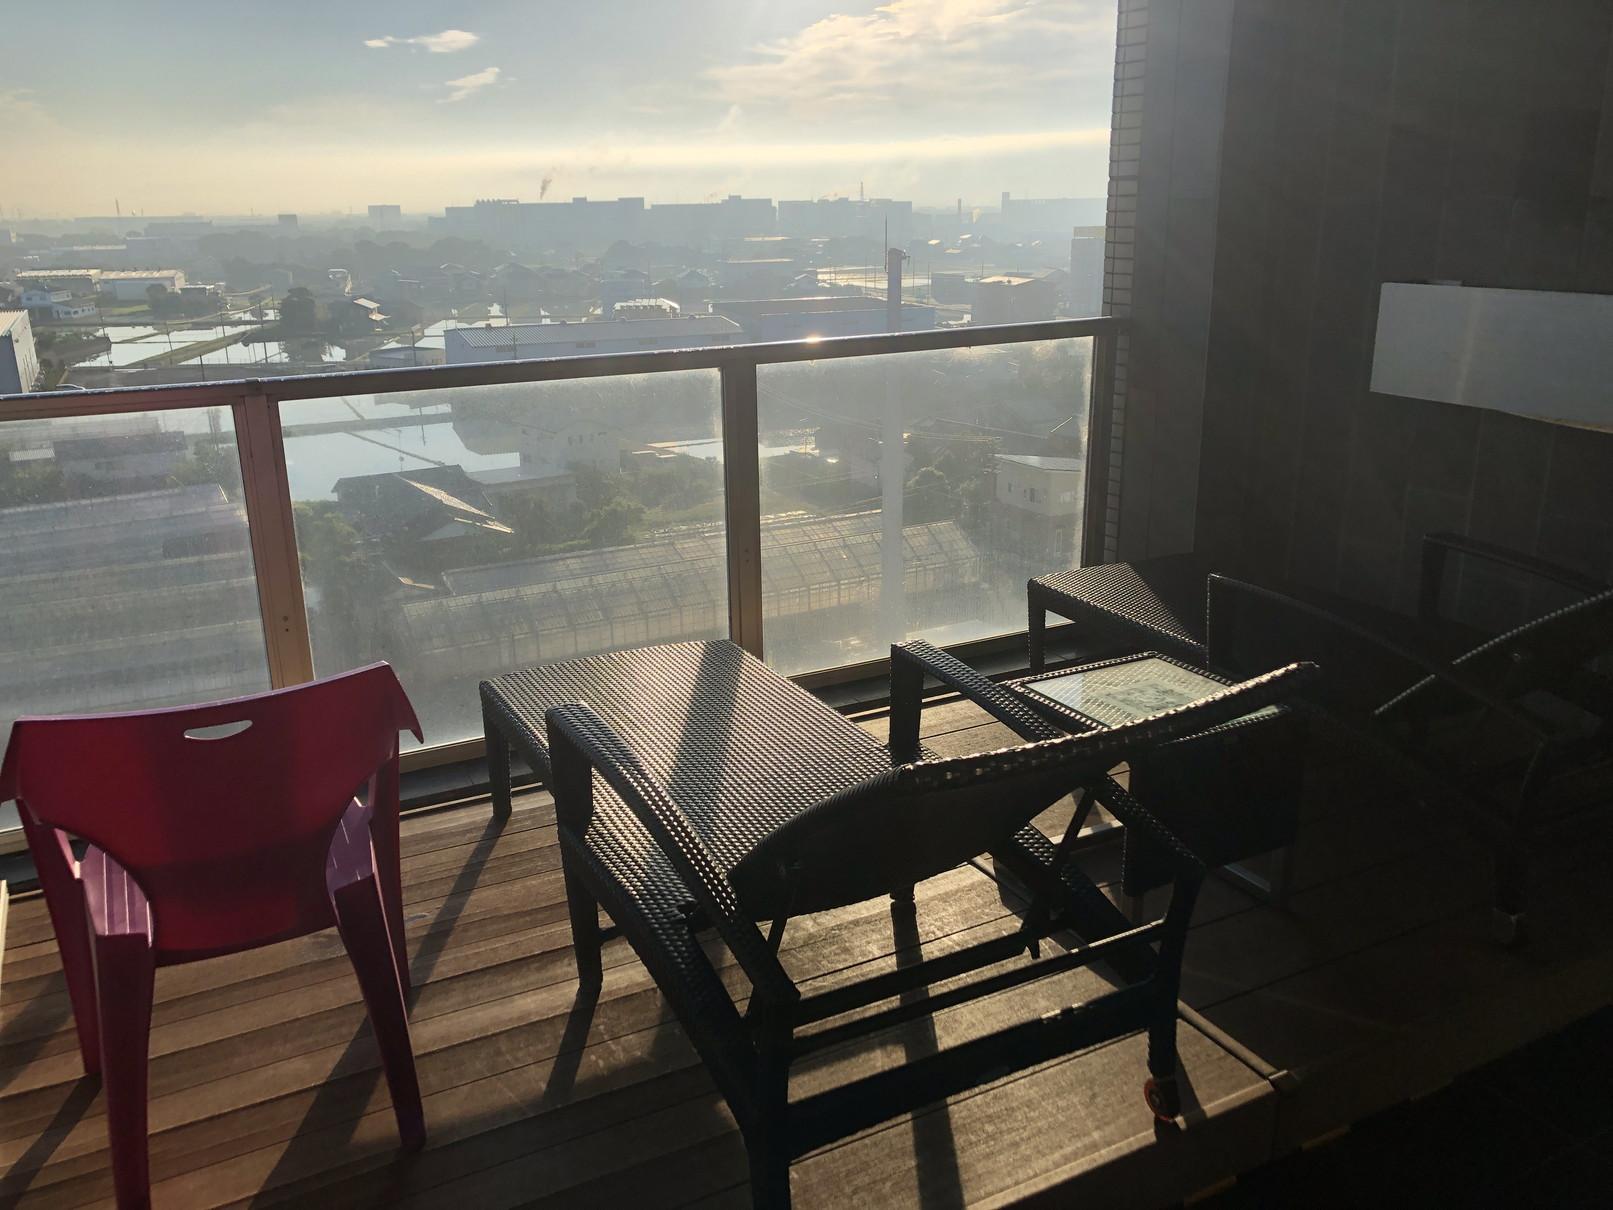 《サウナシュラン2020特別賞》カンデオホテルズが「ととのい椅子」を各店に設置決定 展望露天風呂「天空のスカイスパ」で極上外気浴を!